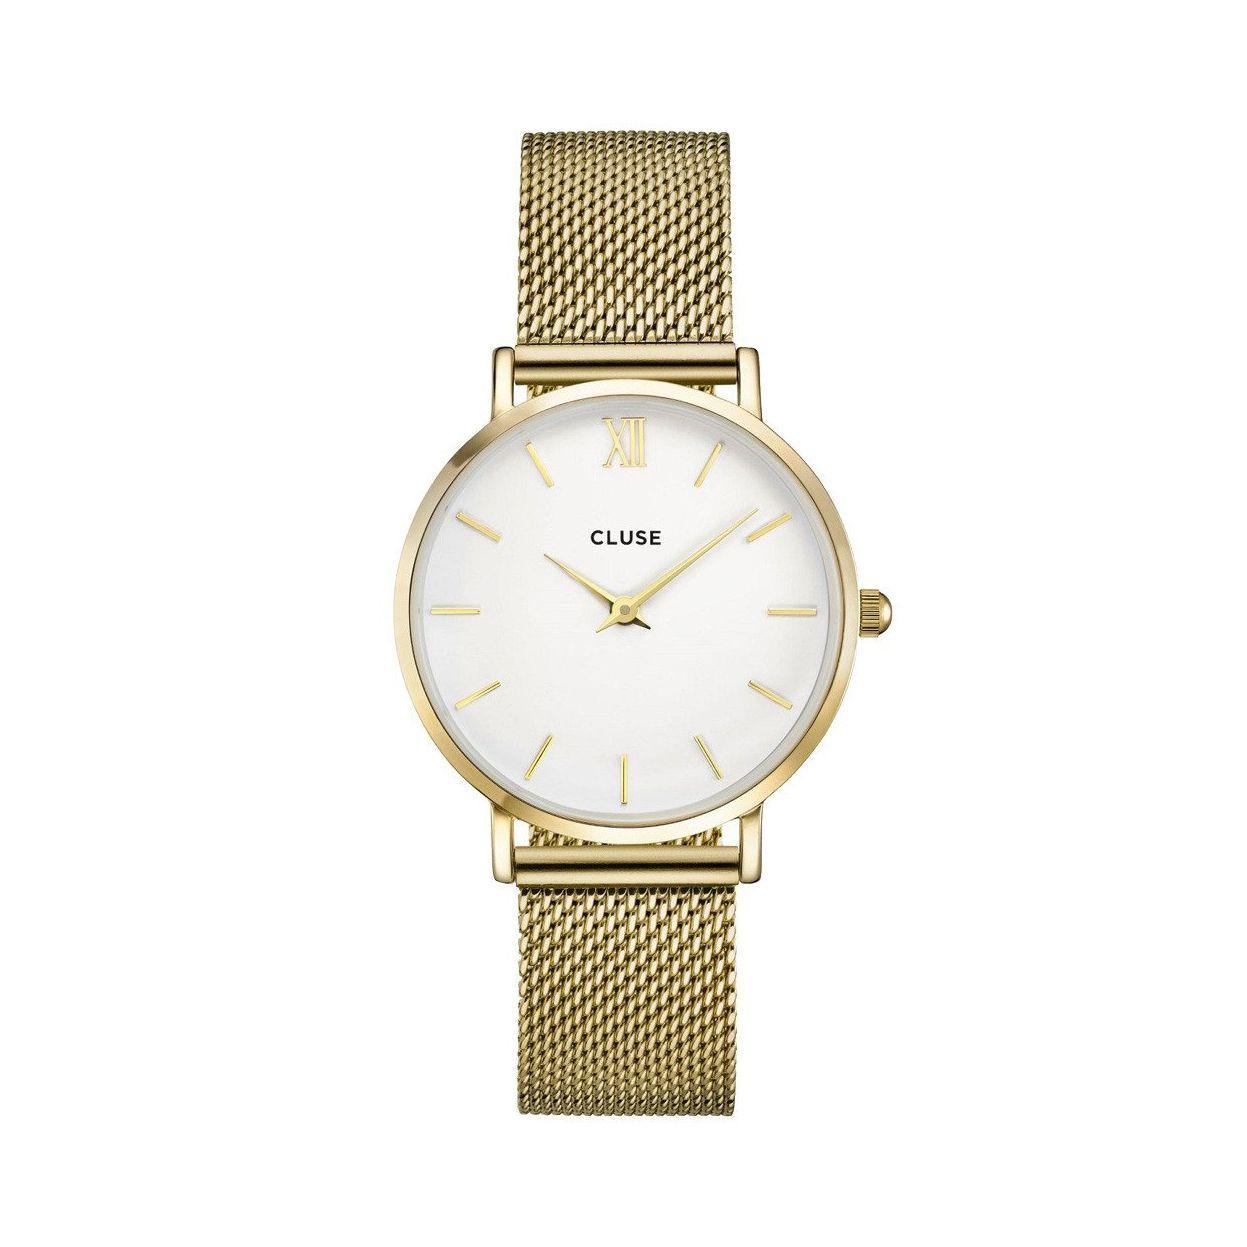 Montre Cluse Minuit Mesh Gold/White vue 1